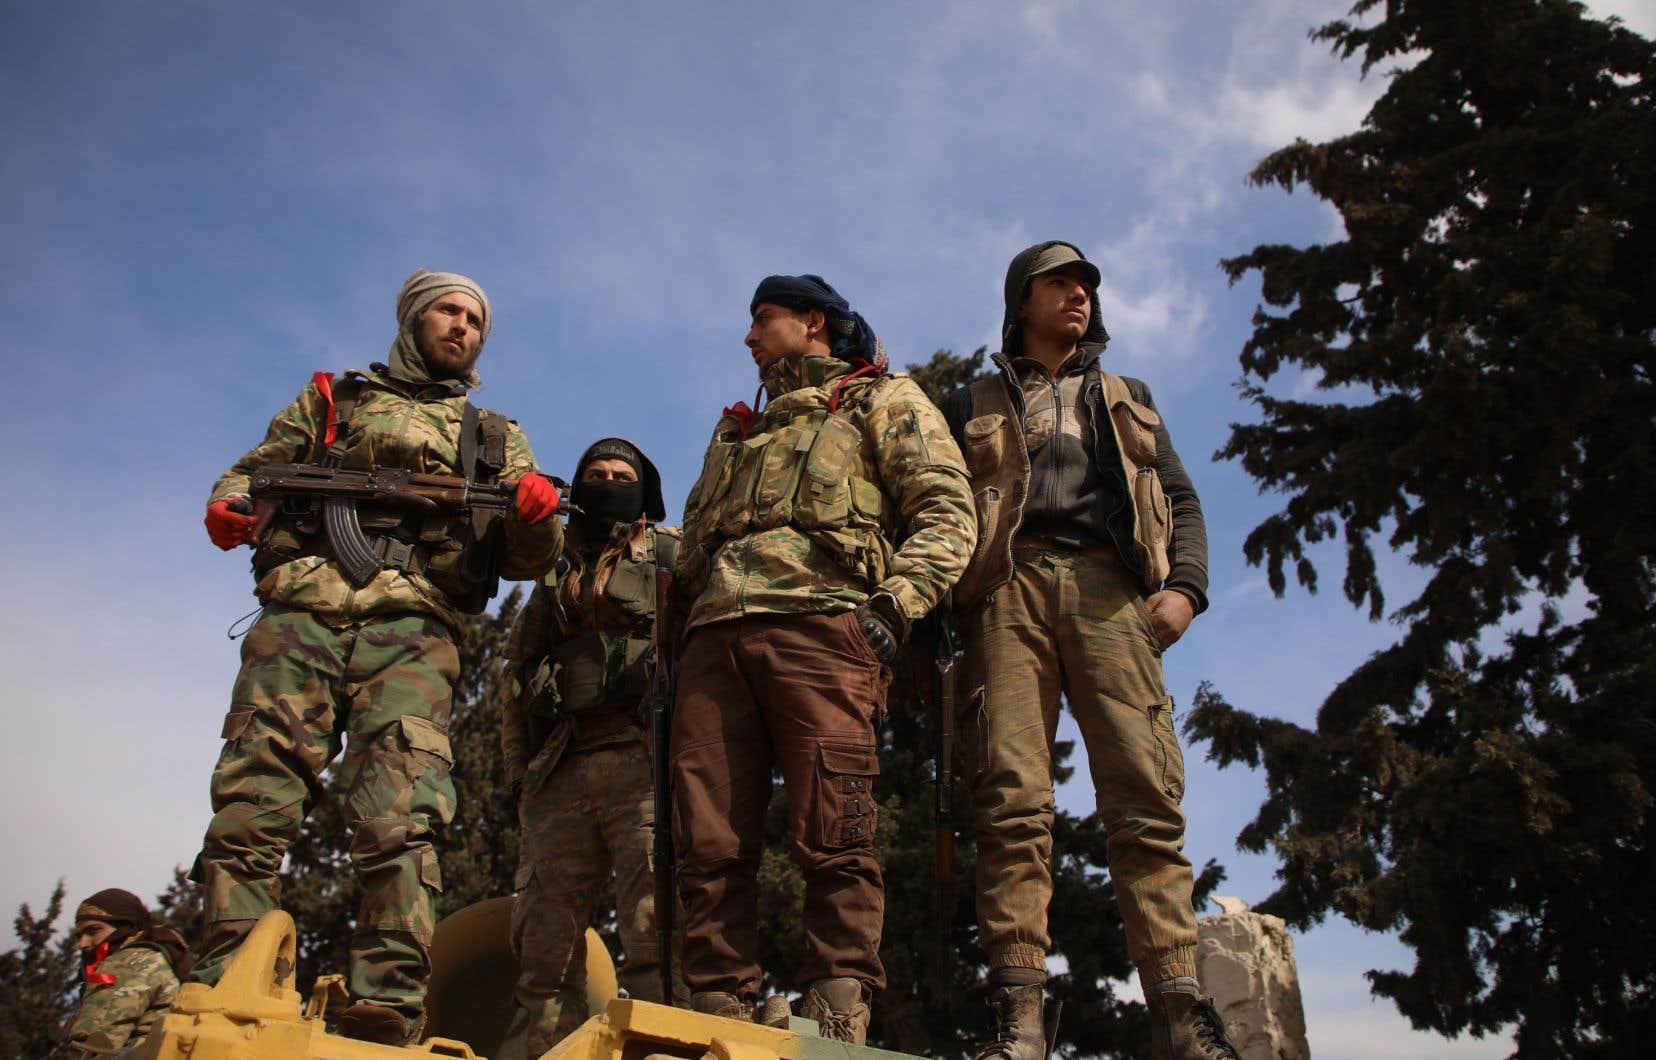 Lundi soir, Ankara, qui soutient certains groupes rebelles et dispose de troupes dans la région, a annoncé avoir «neutralisé» plus de 100 soldats du régime syrien.